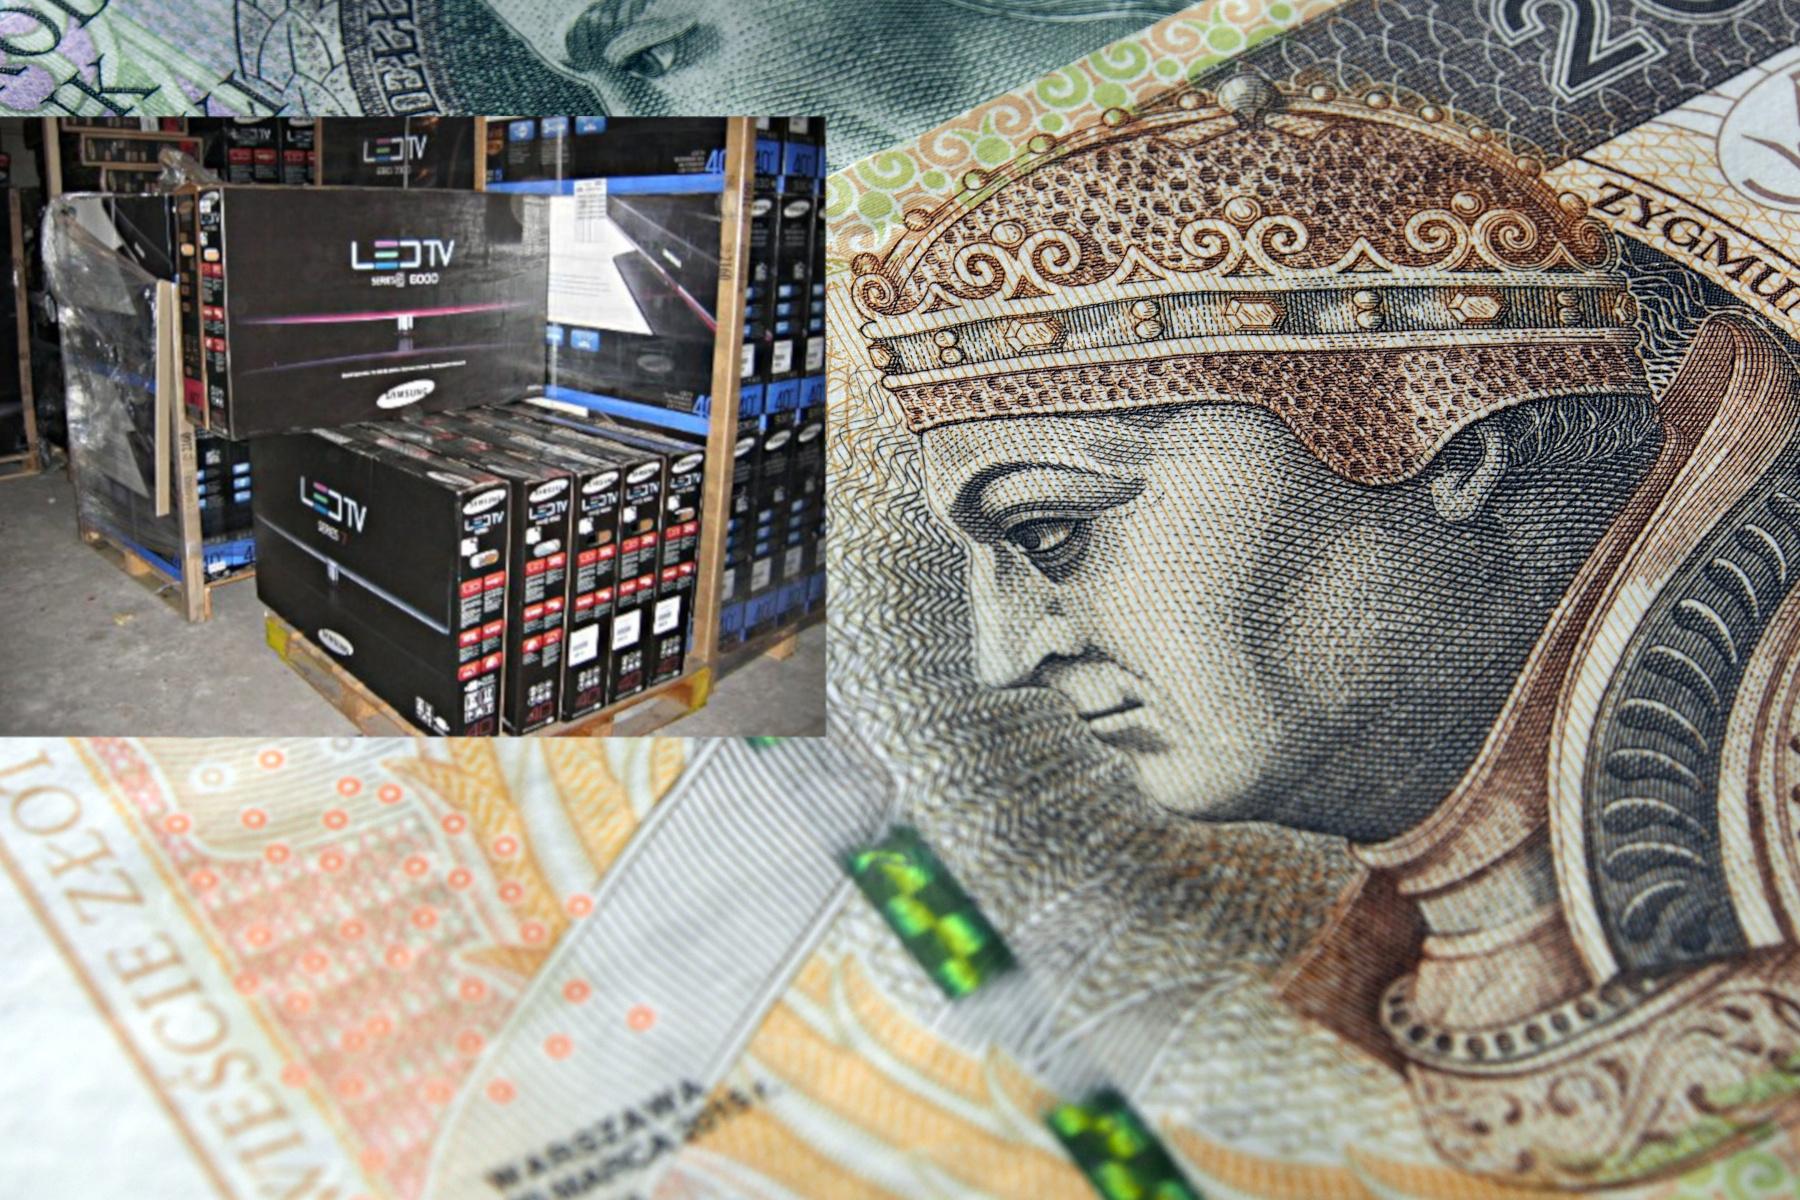 Ile przewoźnik zapłaci za zaginione telewizory – czyli deklaracja specjalnego interesu w dostawie towarów zgodnie z Konwencją CMR